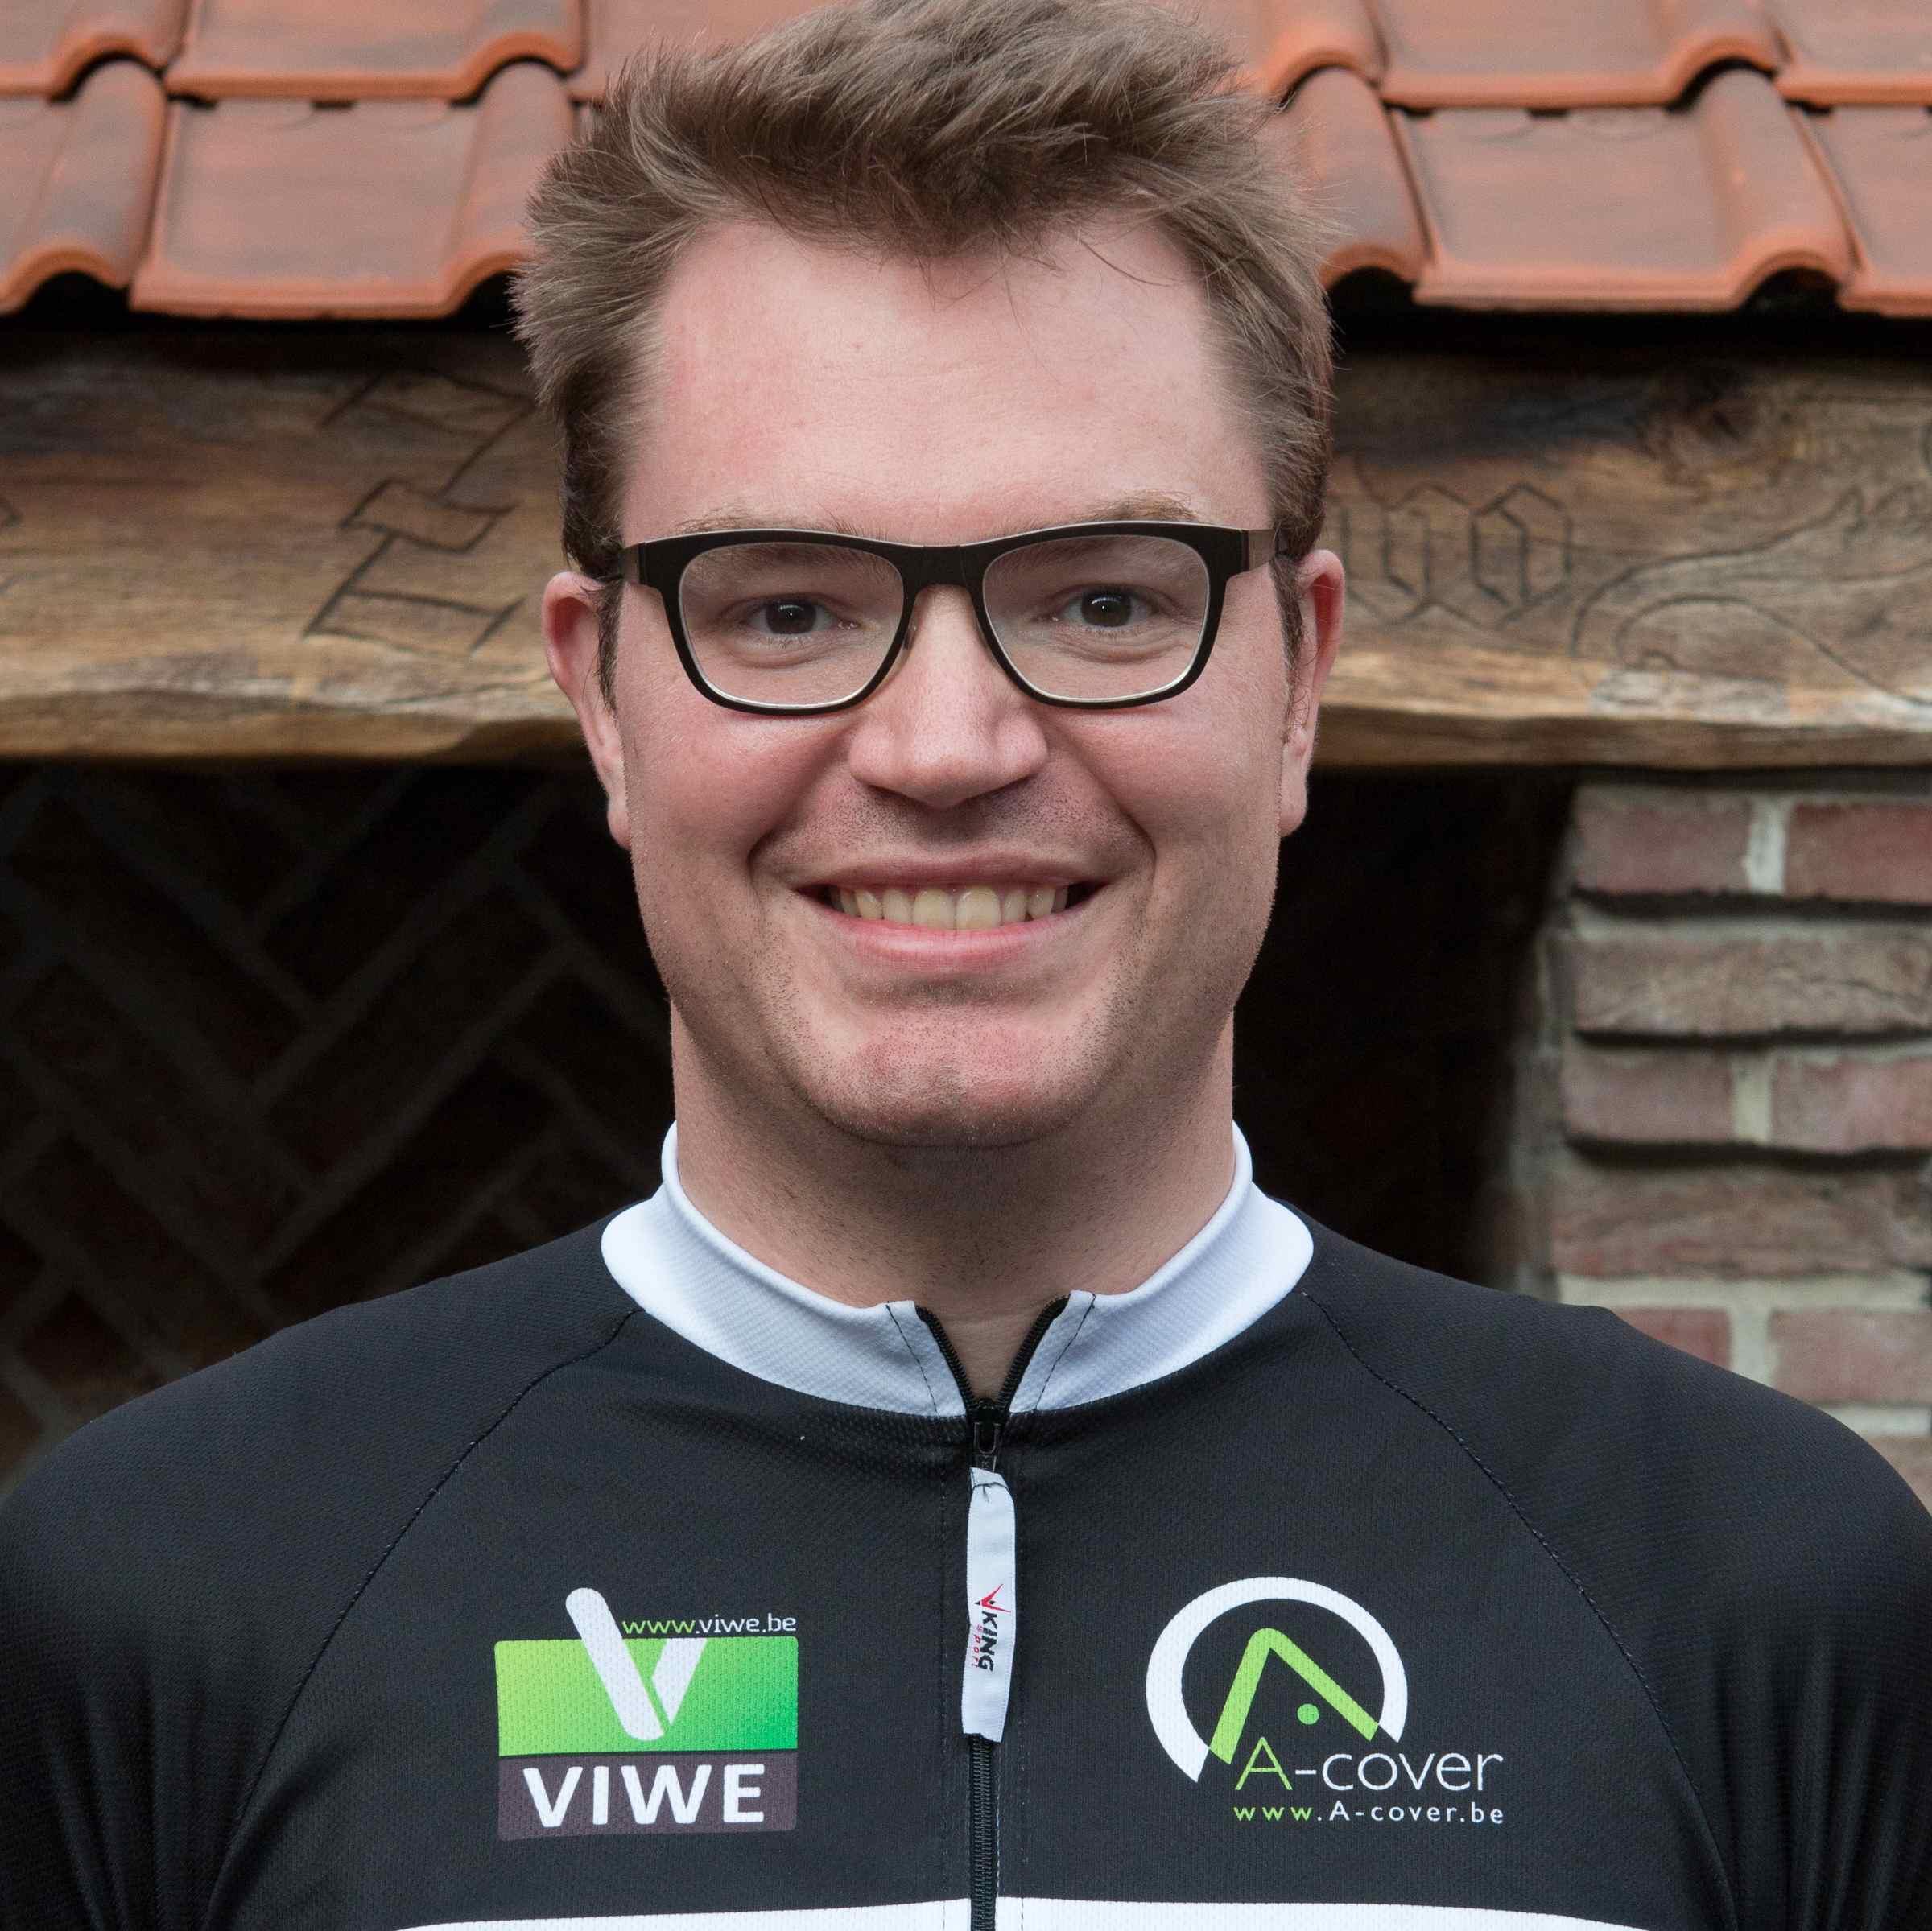 Gerry van Dijck